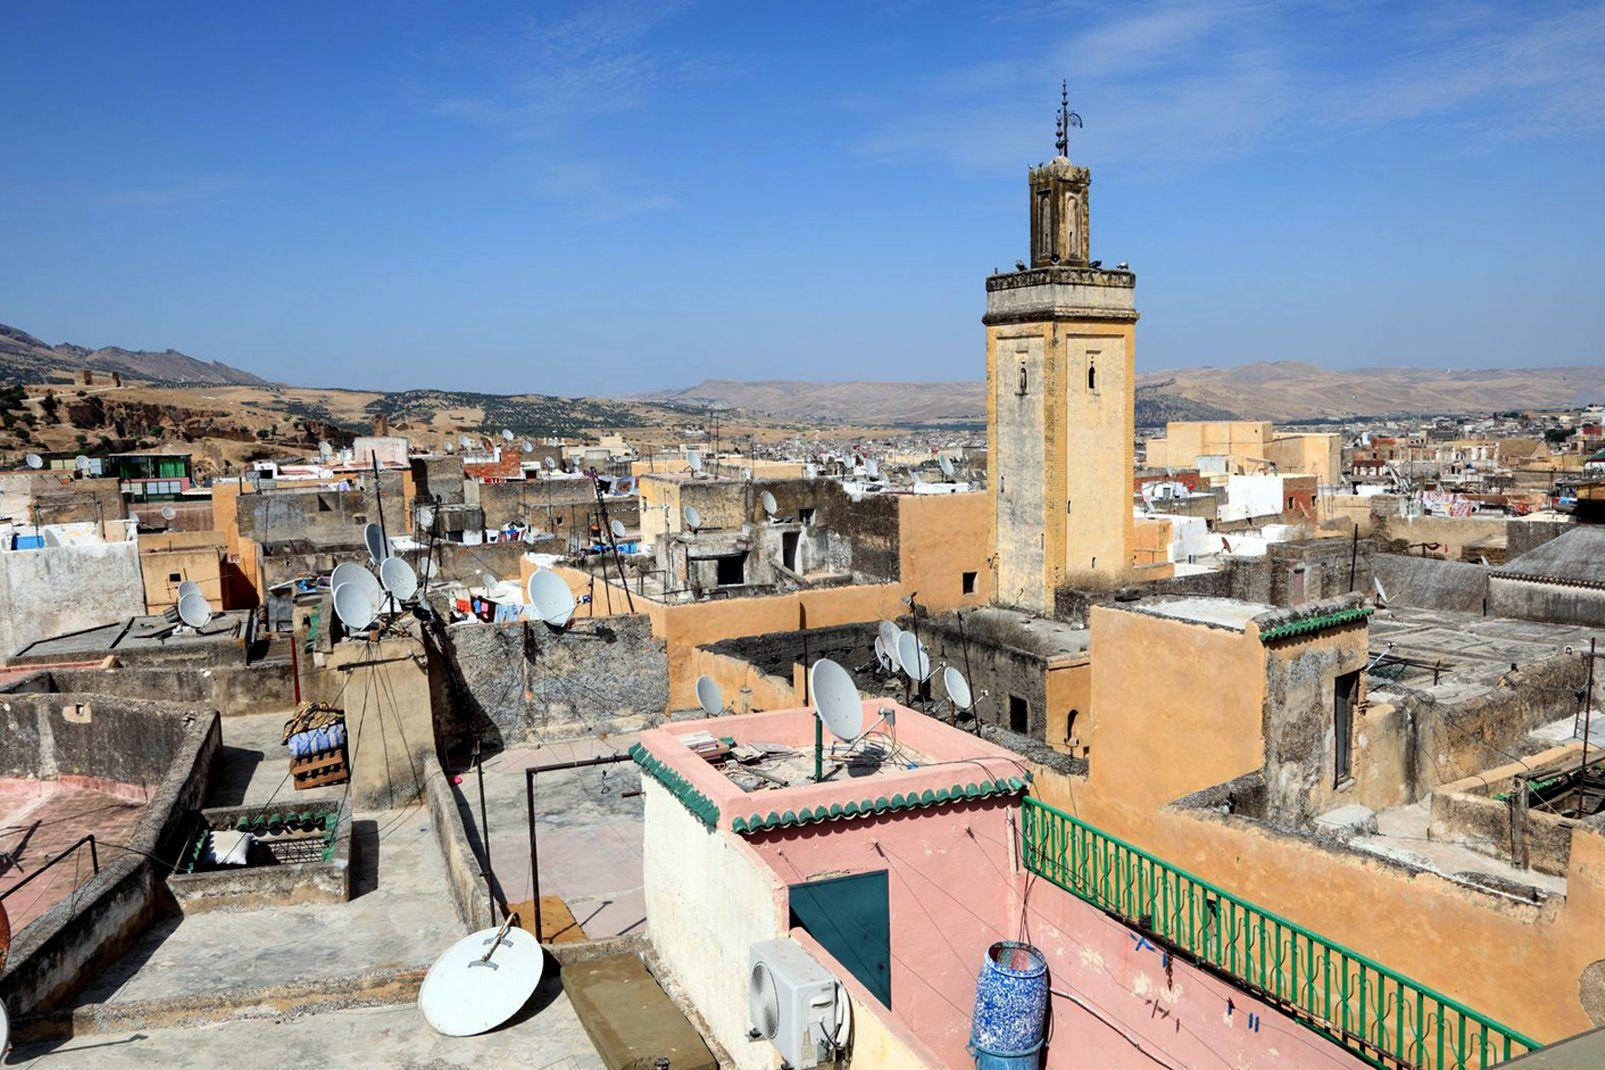 Maroc-Der Norden, Marokko